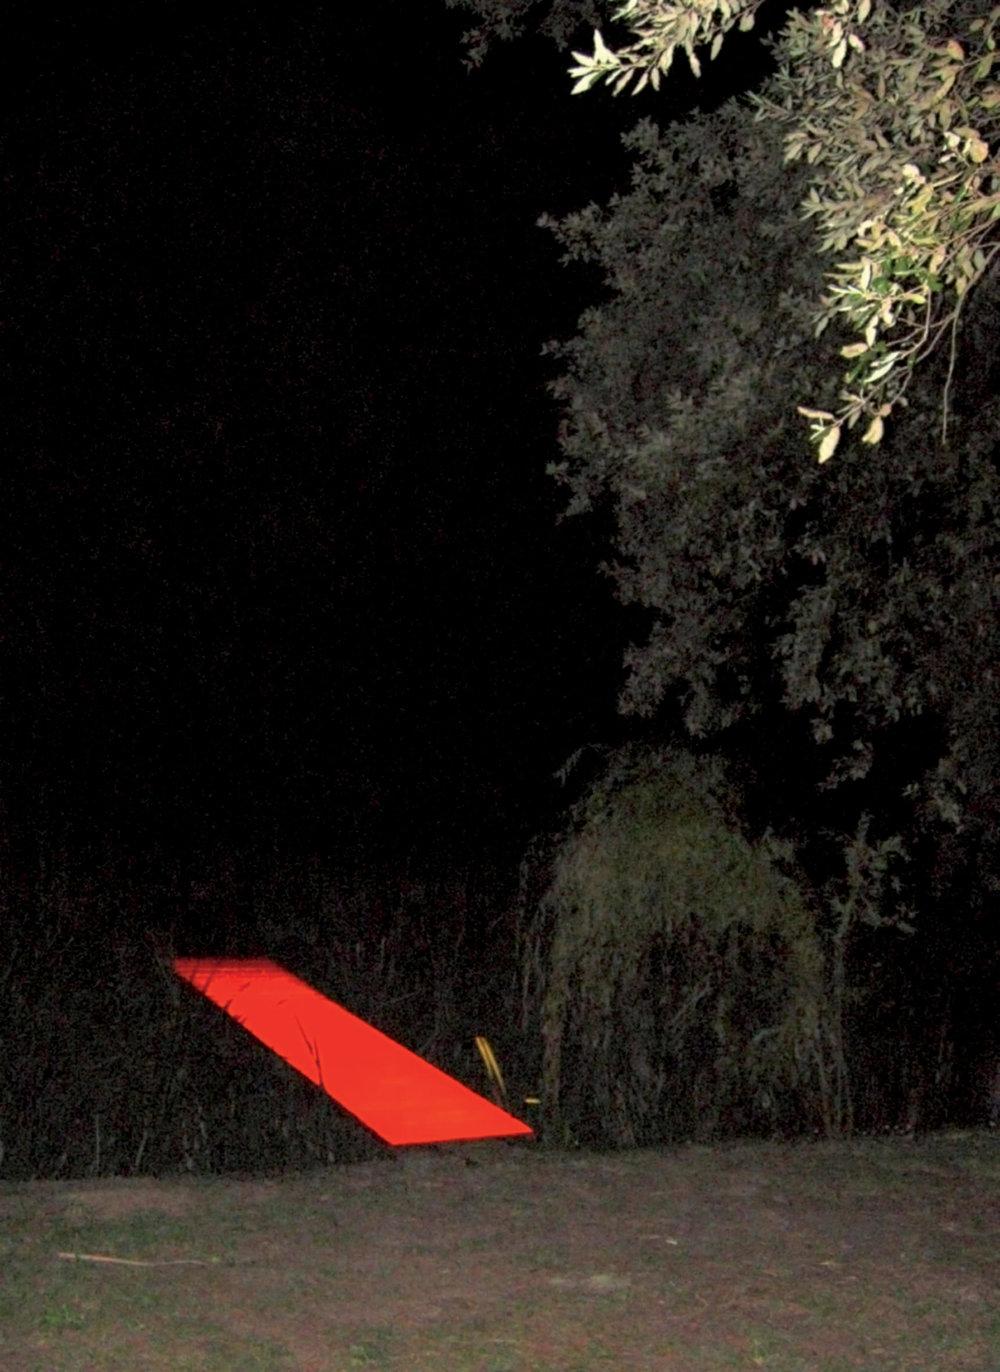 Marco Bagnoli, Dacché sono io, entra, legno dipinto e proiezione di luce, 4 x 125 x 600 cm, Villa La Magia, Quarrata 2007. Fotografia di Fulvio Salvadori